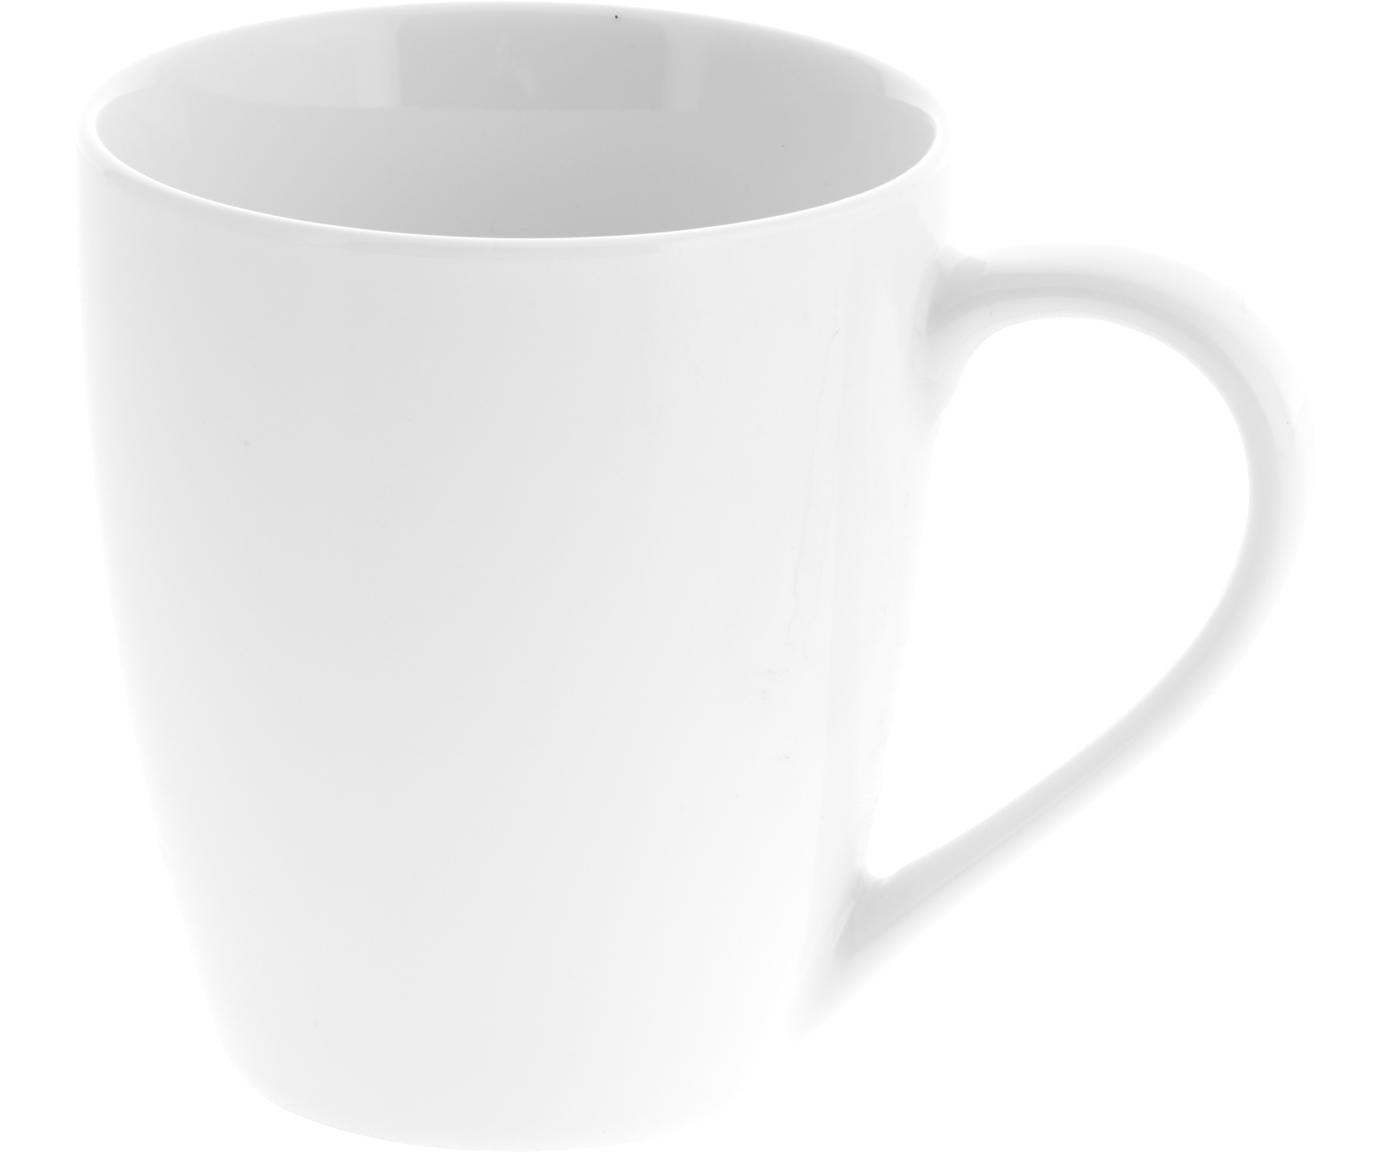 Tassen Delight, 2 Stück, Porzellan, Weiss, Ø 9 x H 10 cm